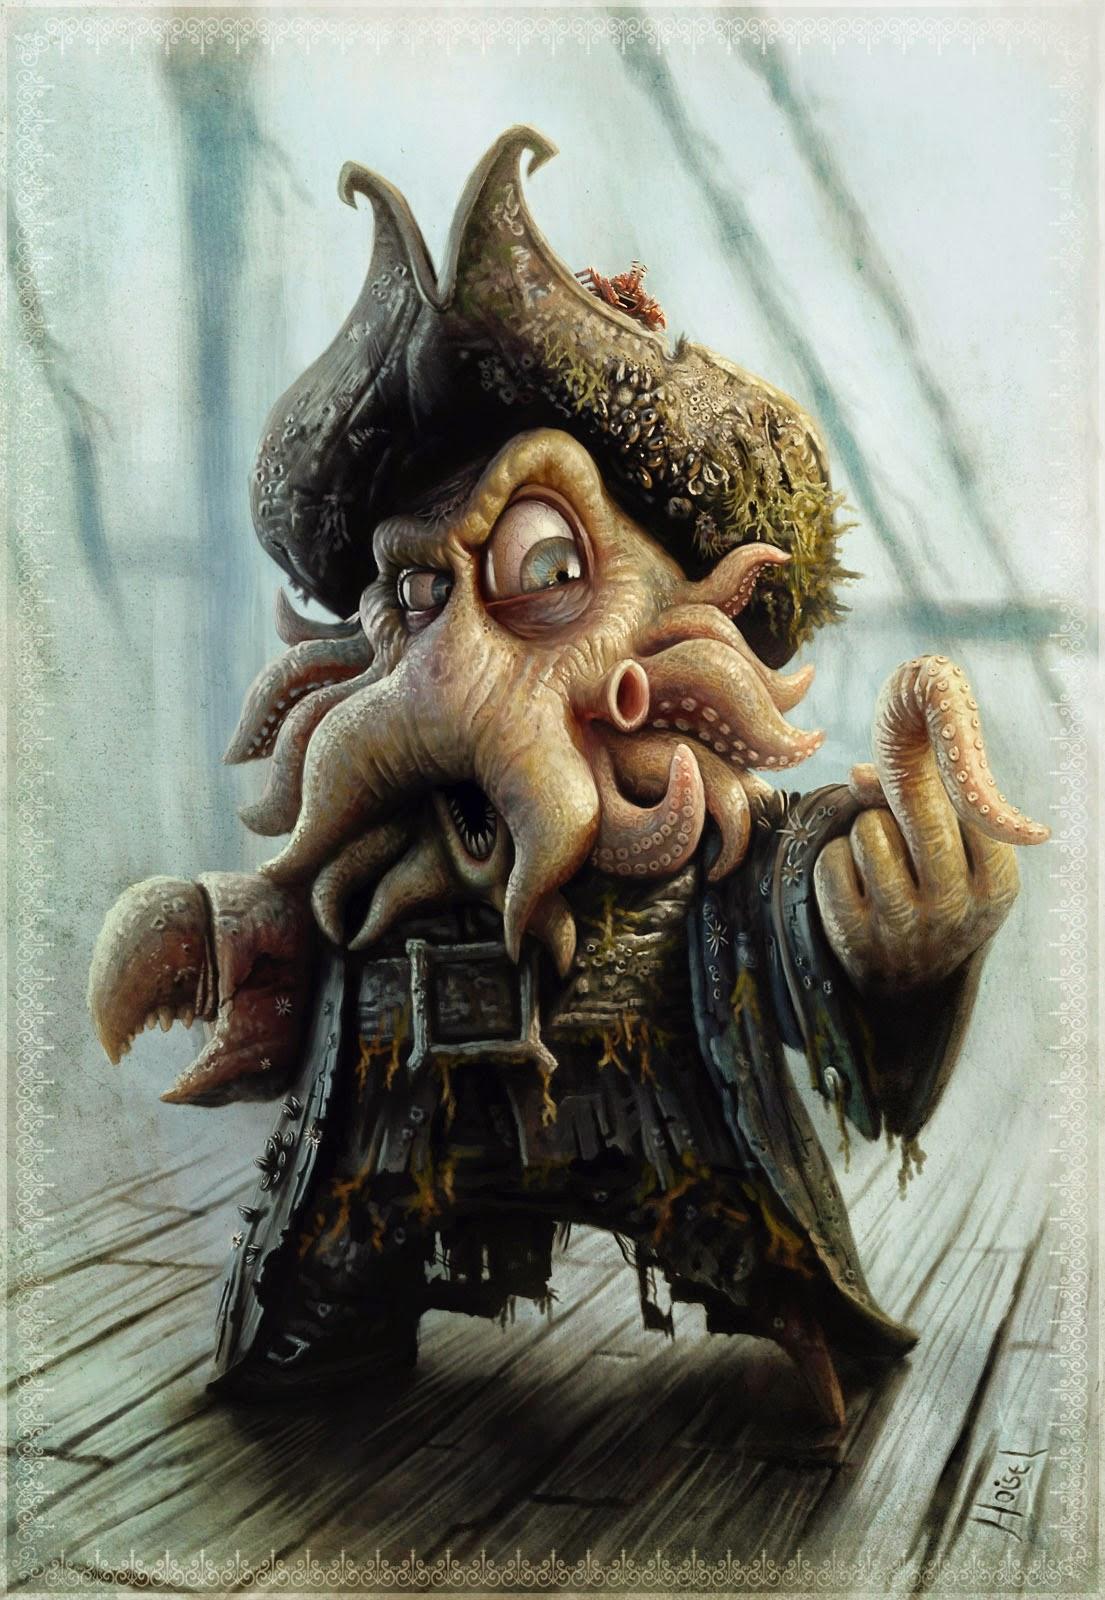 illustration de Tiago Hoisel représentant le pirate davy jones faisant un doigt tentacule d'honneur